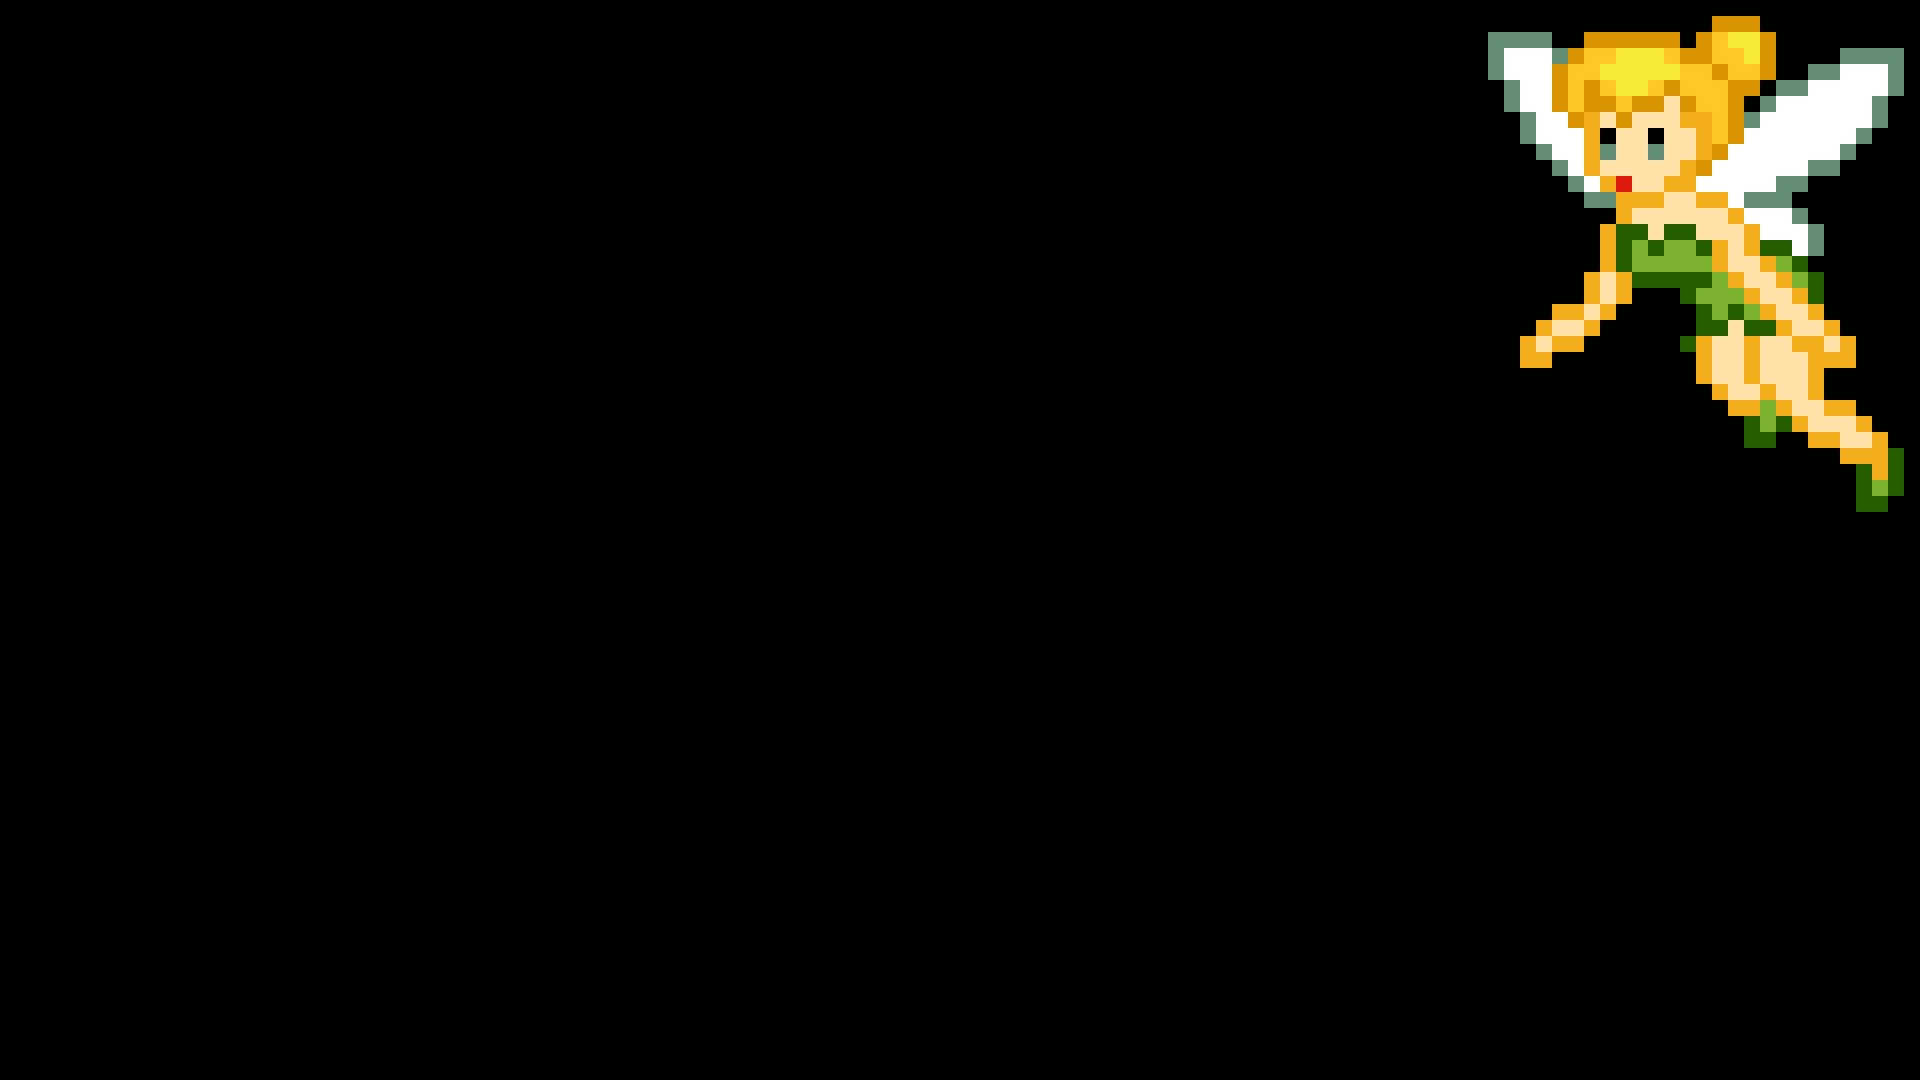 デスクトップ壁紙 ピクセルアート ティンカーベル ピーターパン